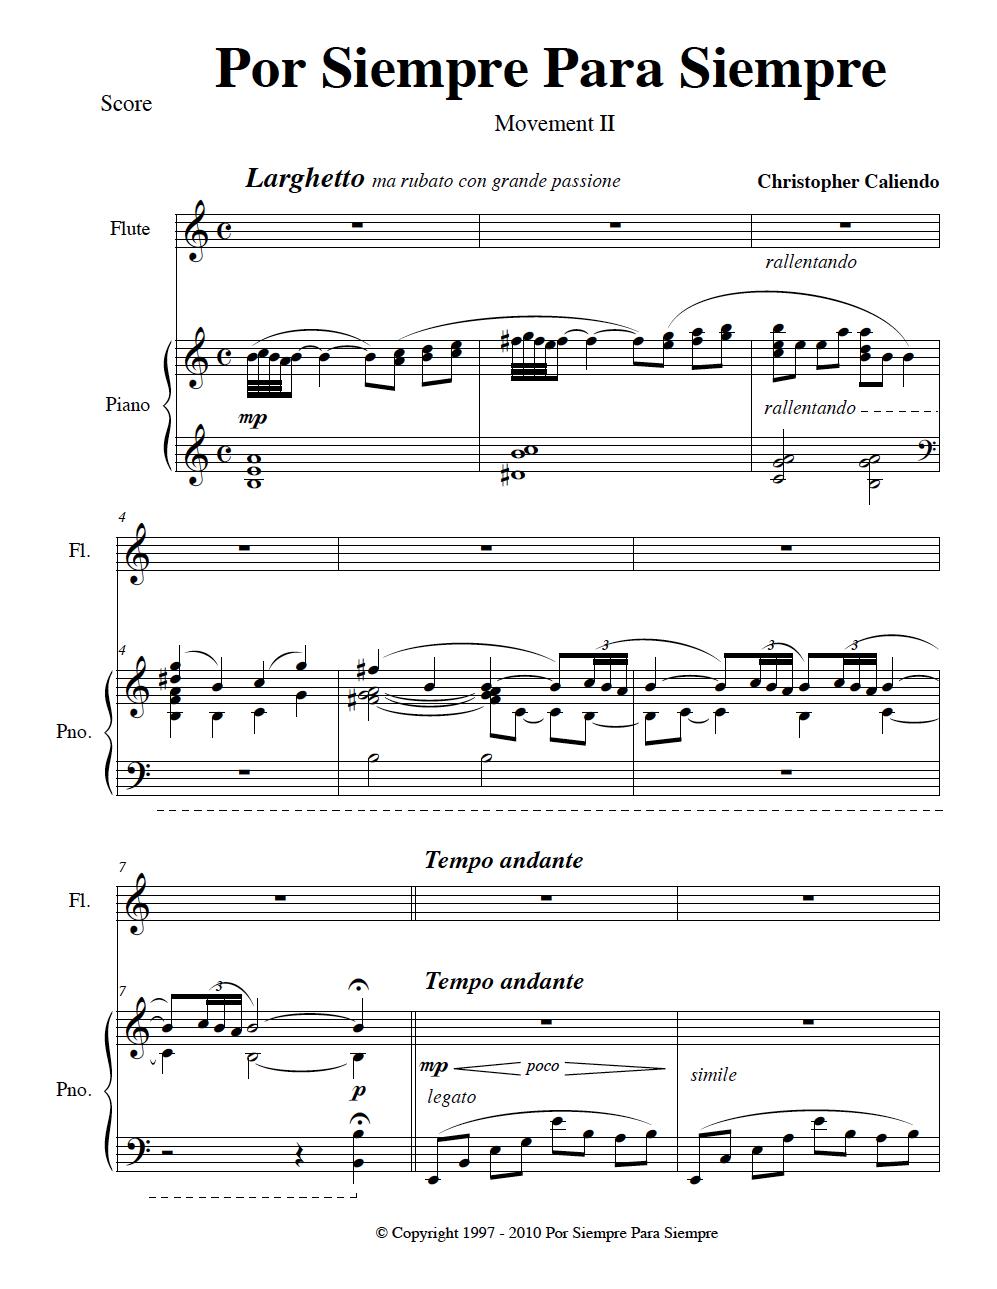 Tango Concerto No. 1 (3 Movements for Flute & Piano